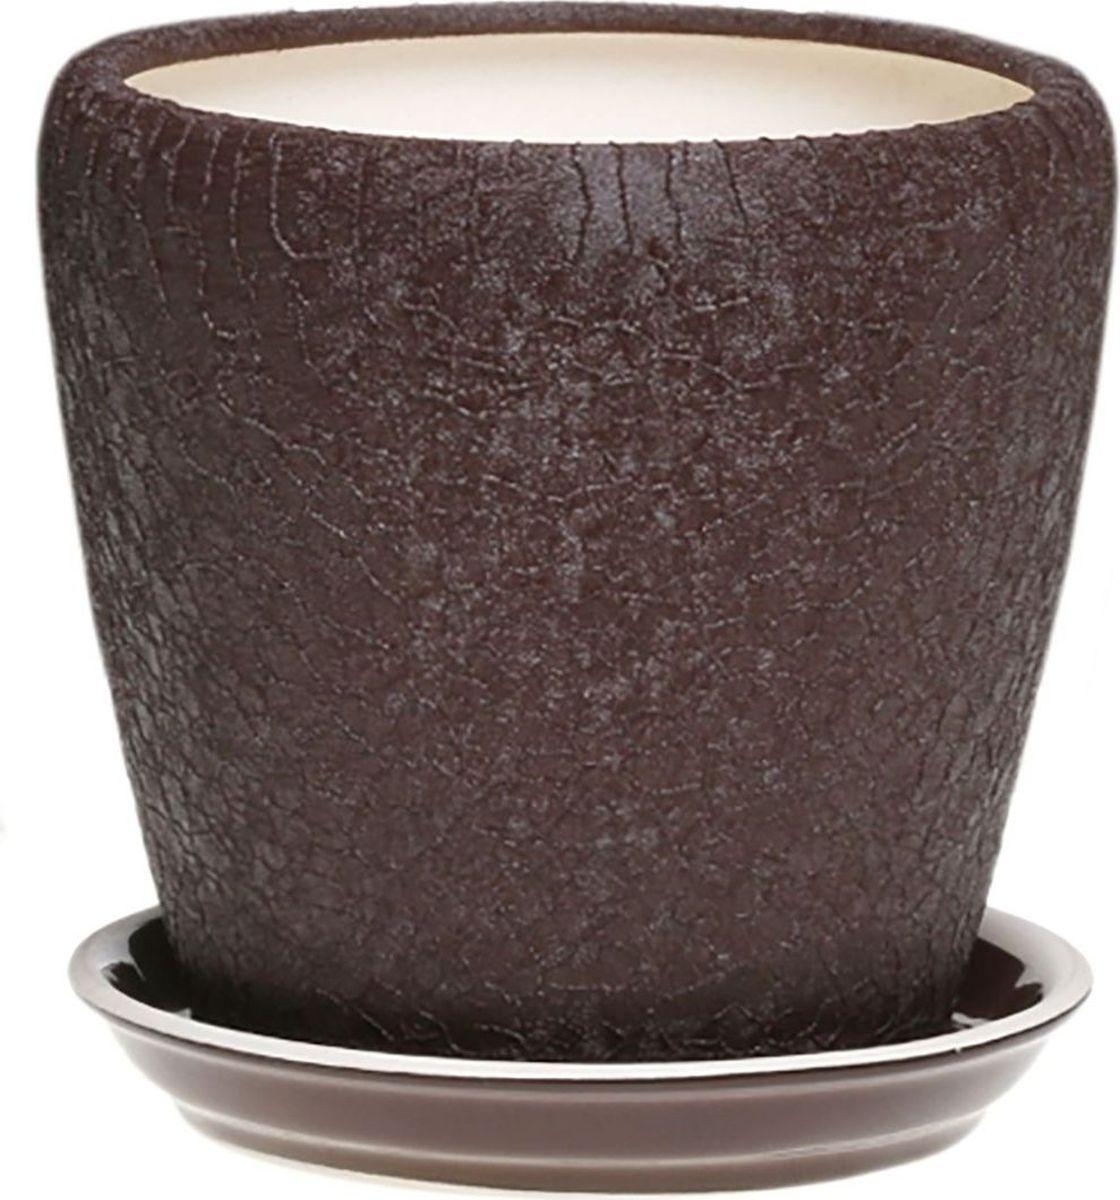 Кашпо Керамика ручной работы Грация, цвет: шоколадный, 10 л1158472